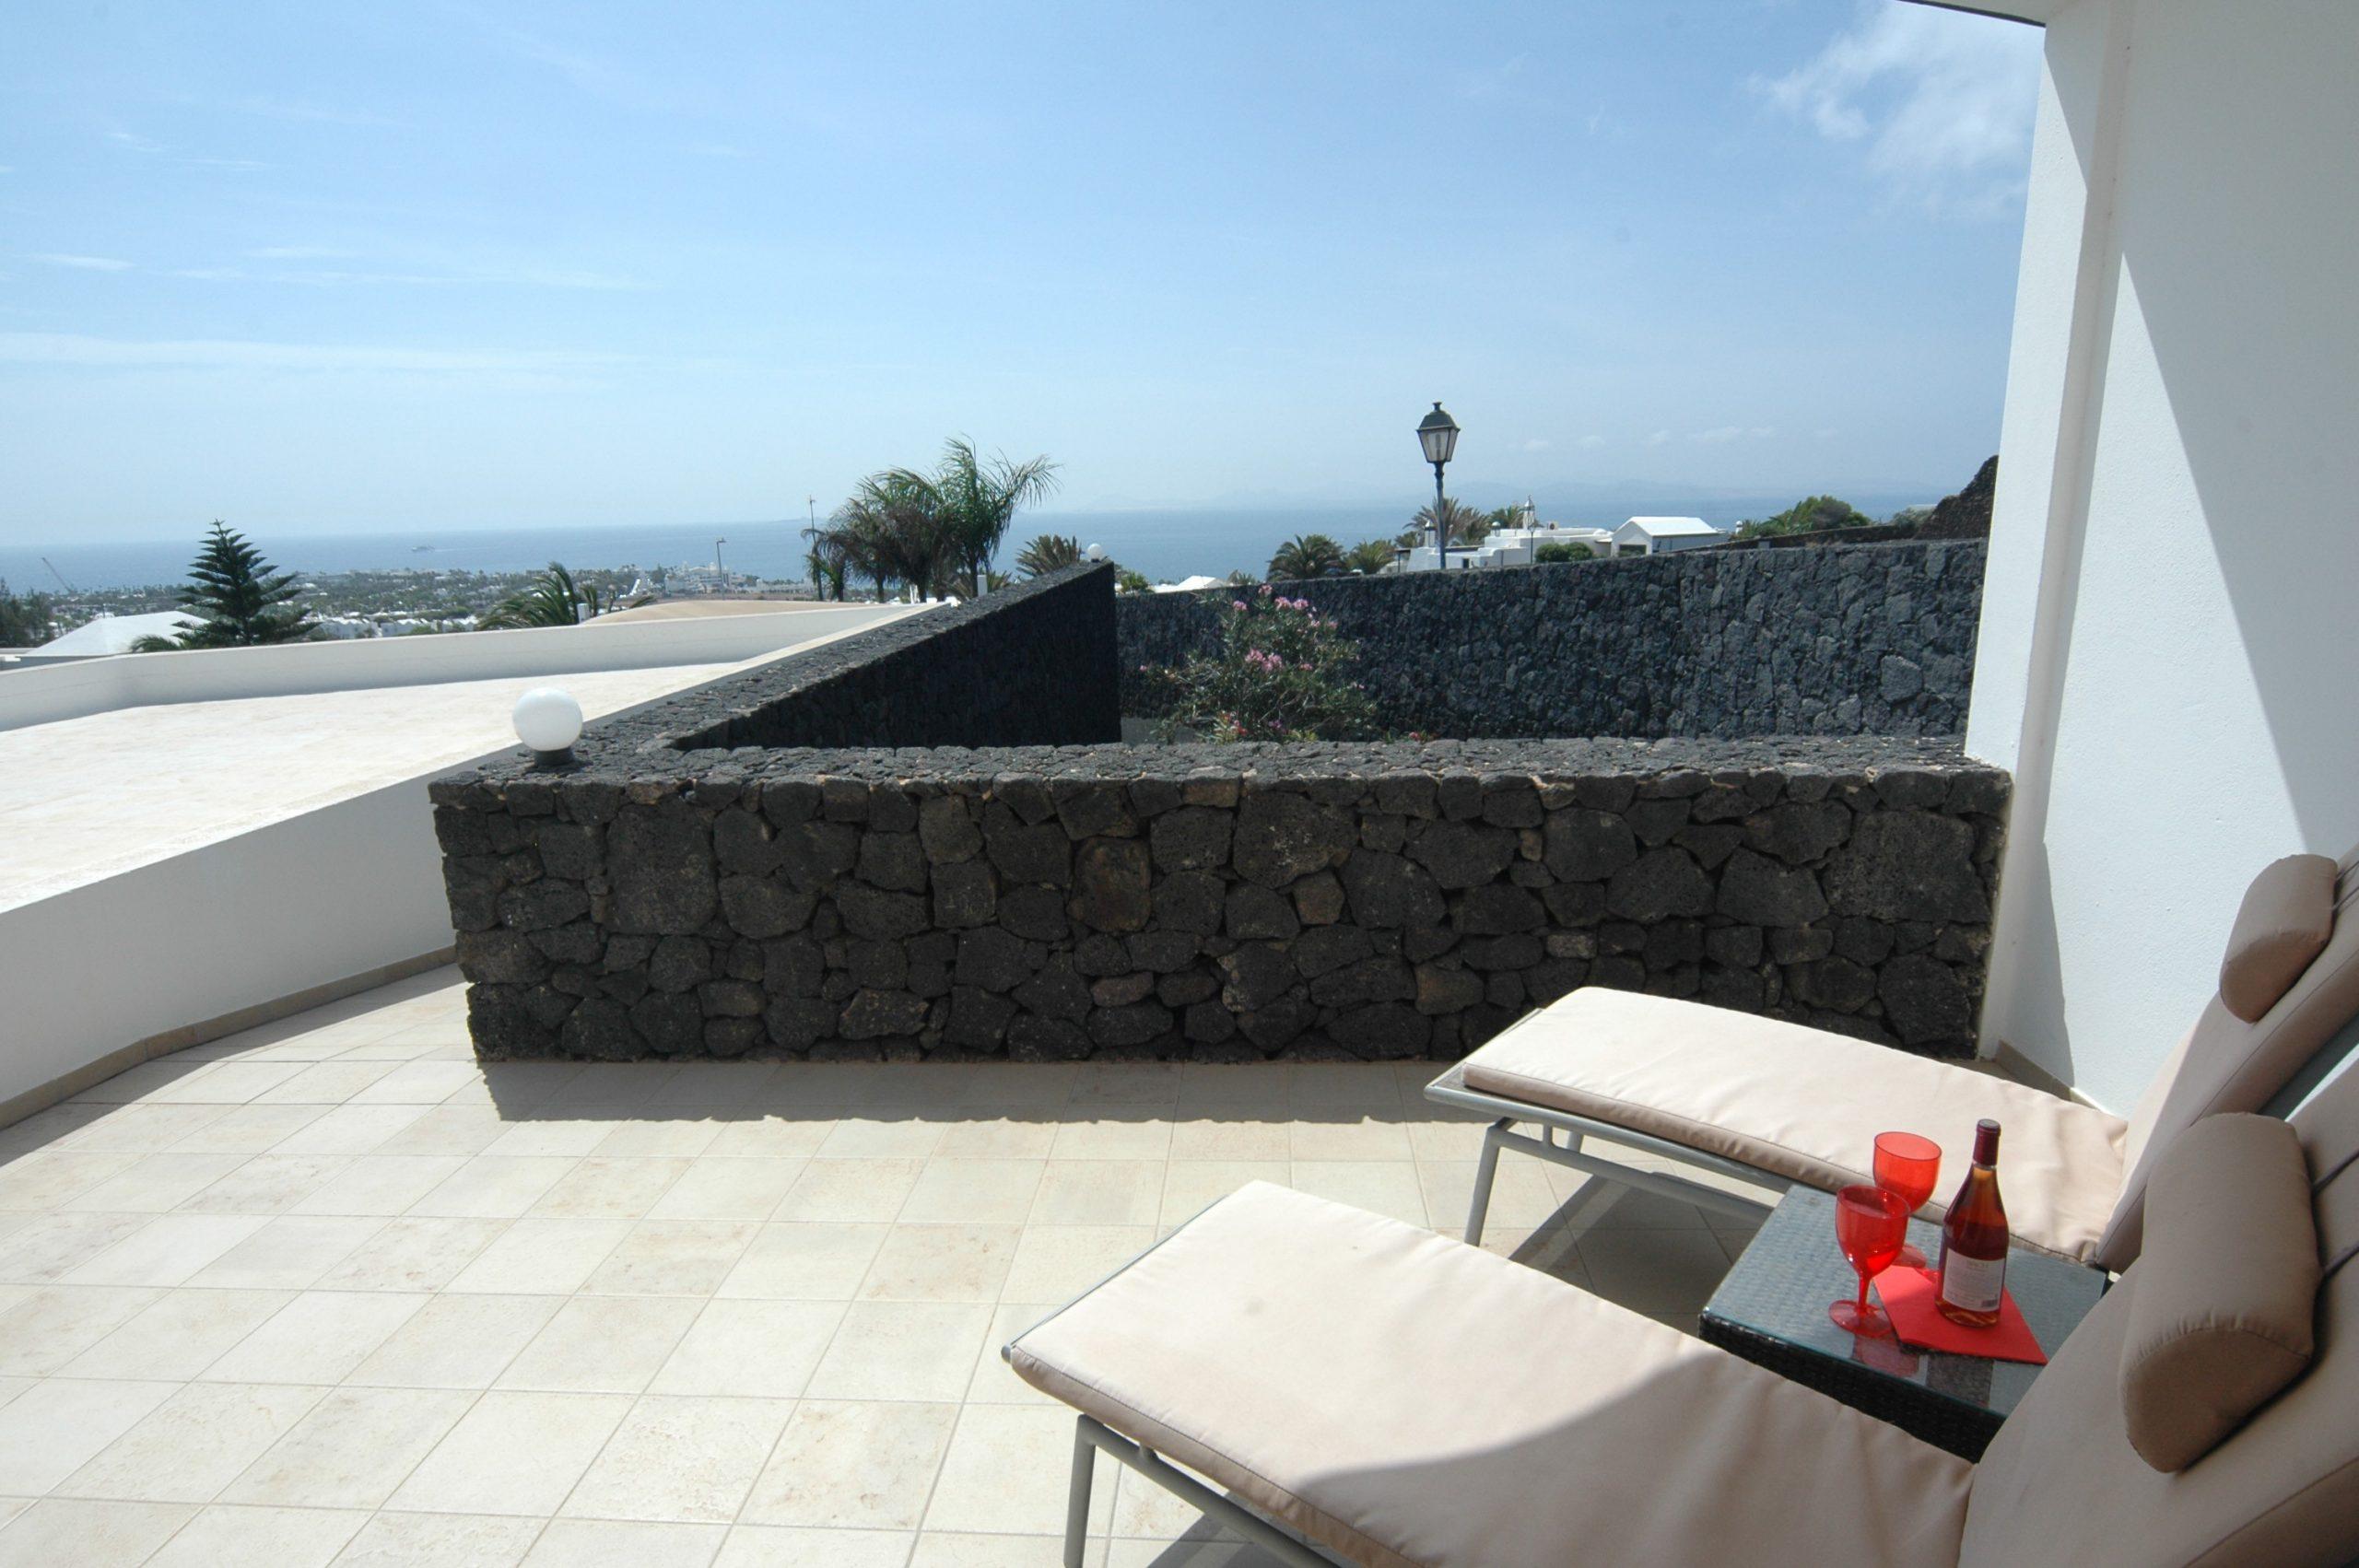 LVC216123 Terrace area